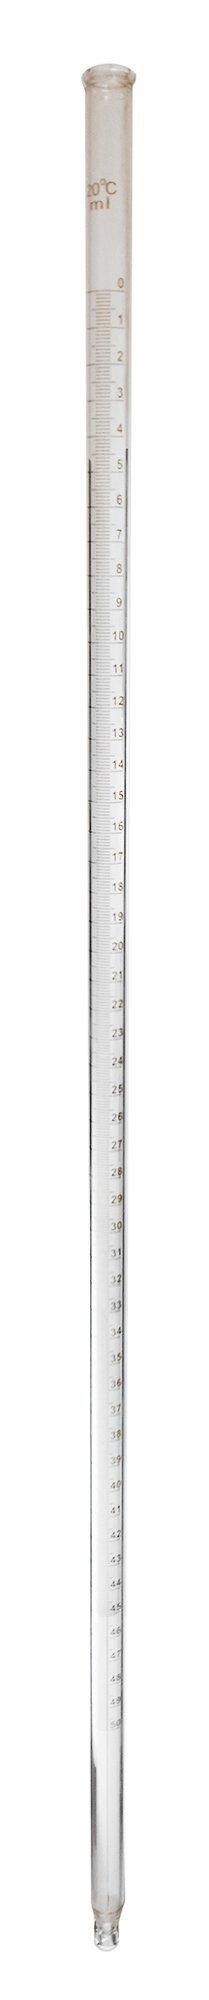 GSC International 205-3-10 Mohr's Style Burette, 50ml, Case of 10